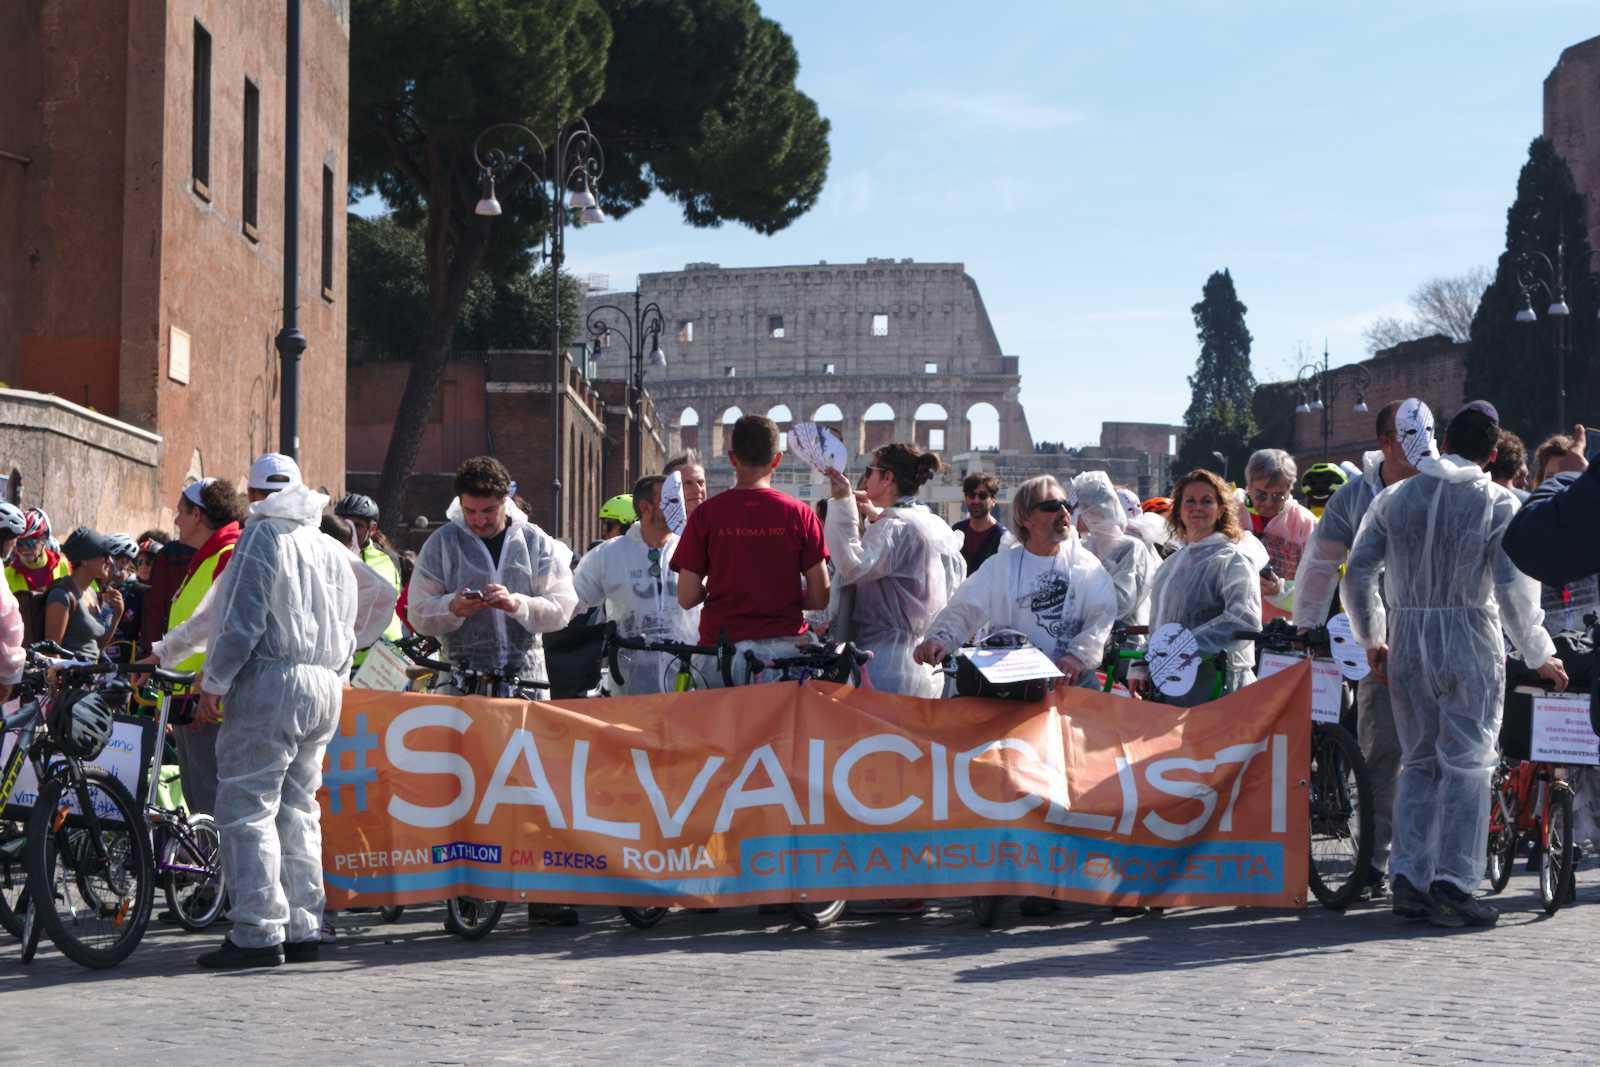 Striscione di Salvaiciclisti Roma davanti al Colosseo alla manifestazione #bastamortinstrada del 23 febbraio 2020 a Roma